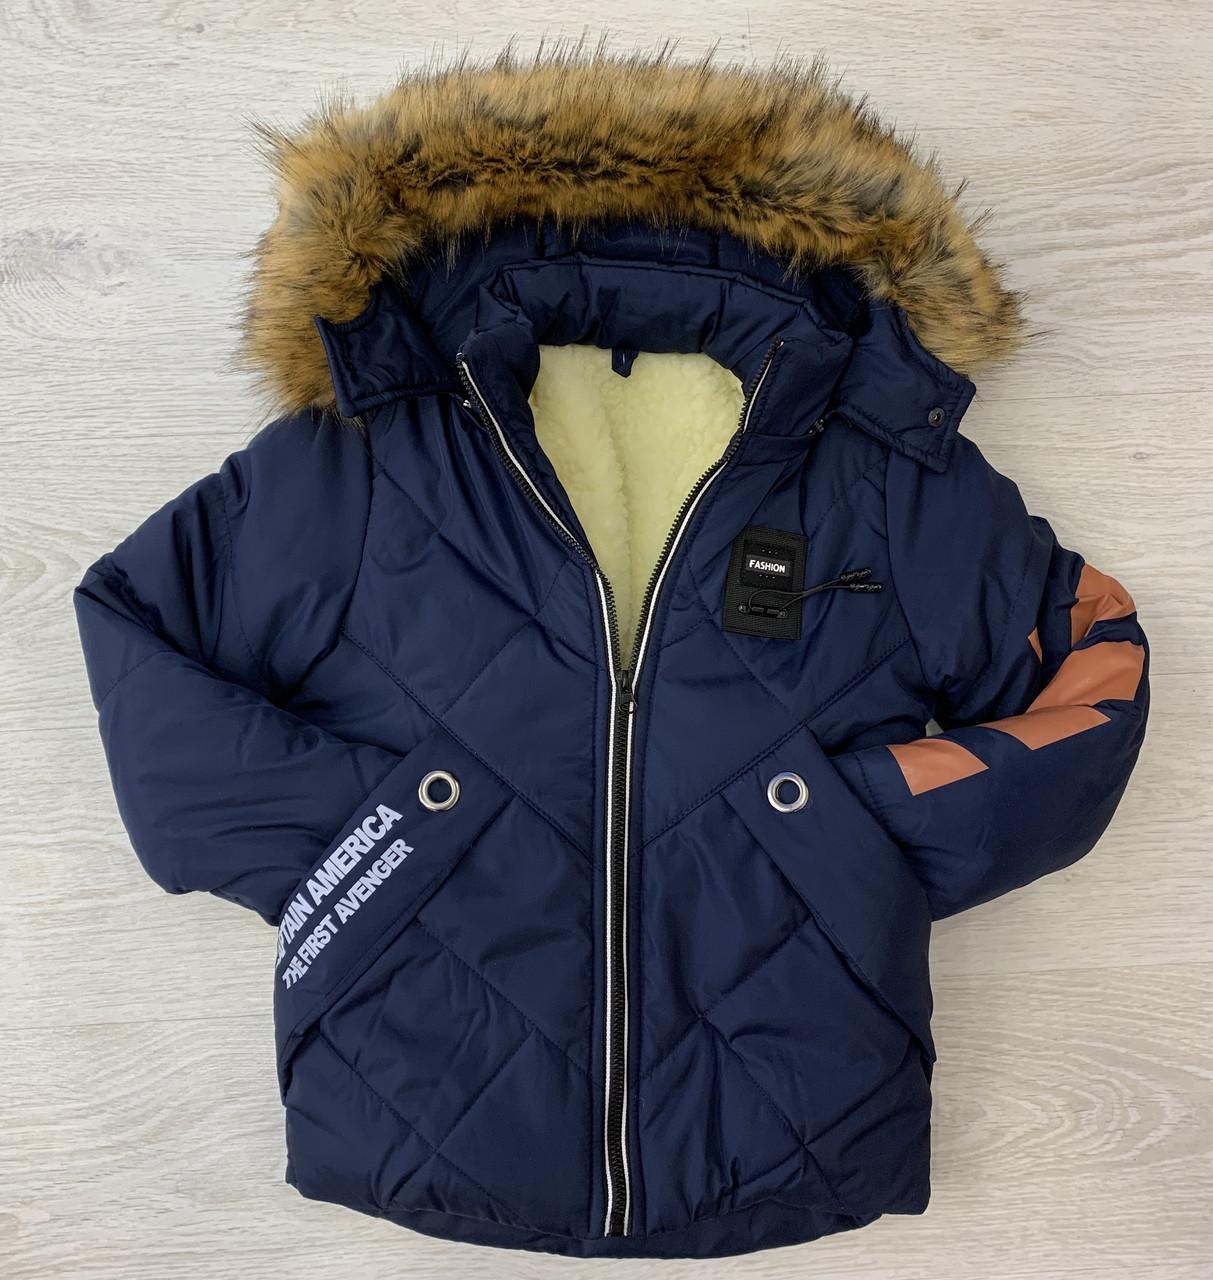 Куртка пуховик зимняя для мальчика, Турция, арт. 1131